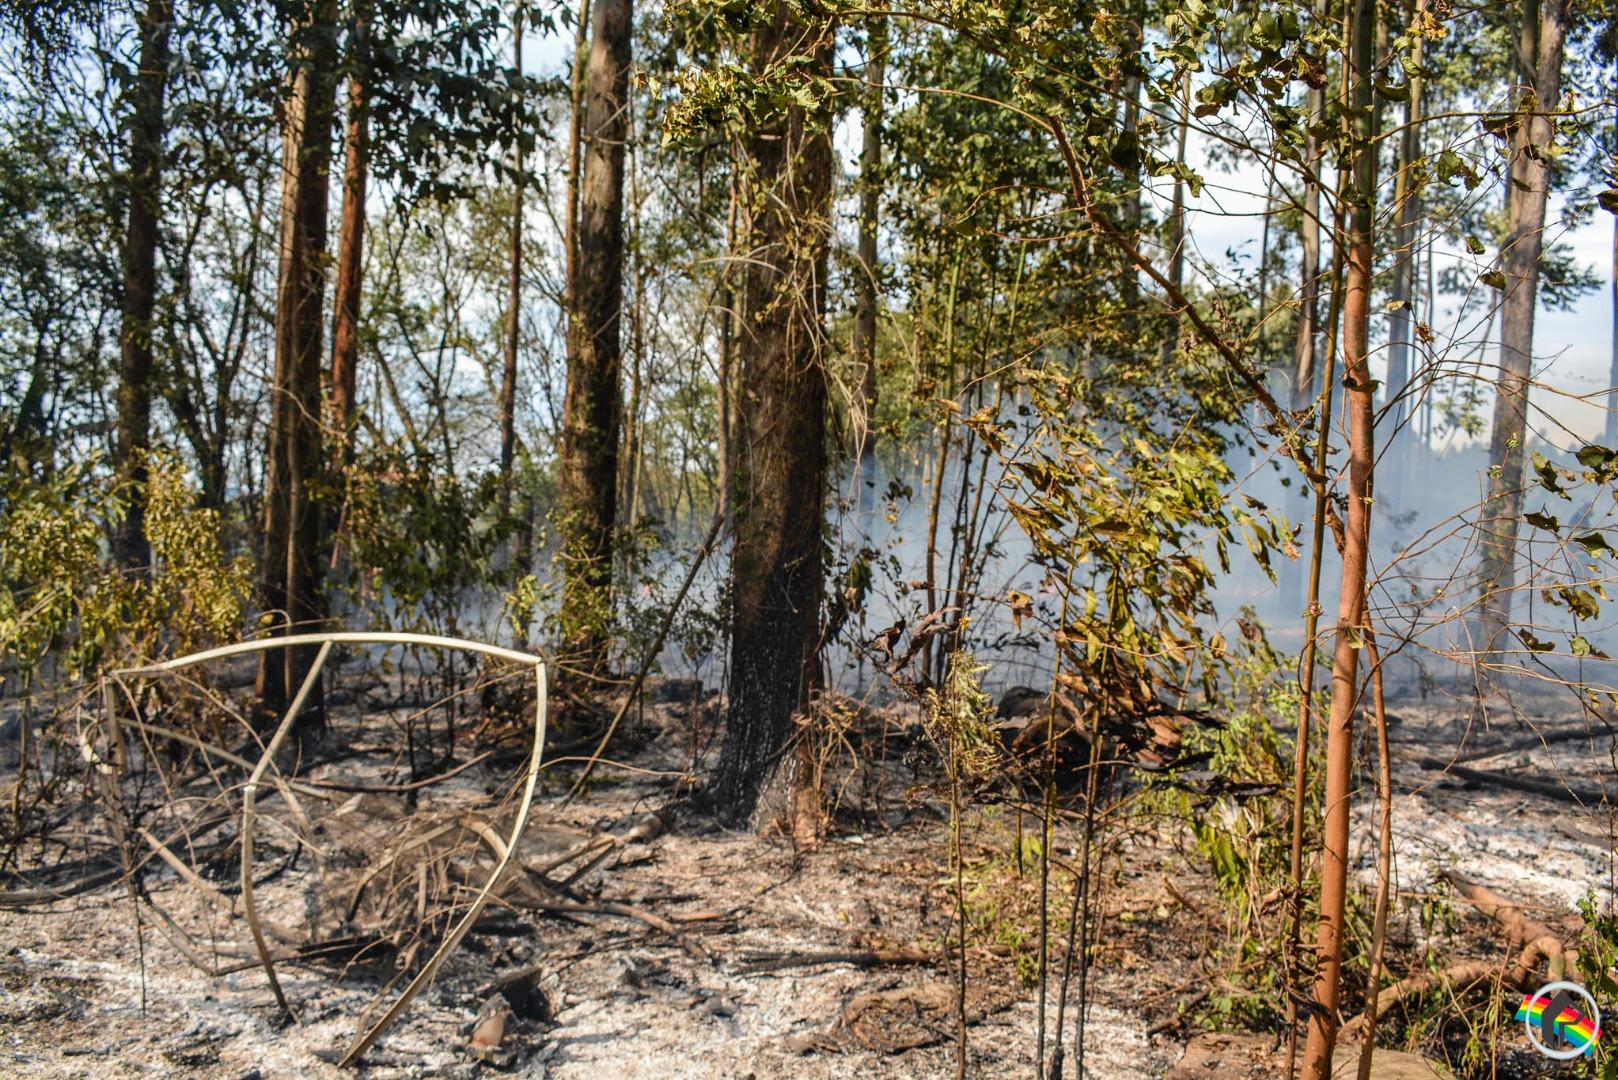 Incêndio florestal mobiliza bombeiros em São Miguel do Oeste